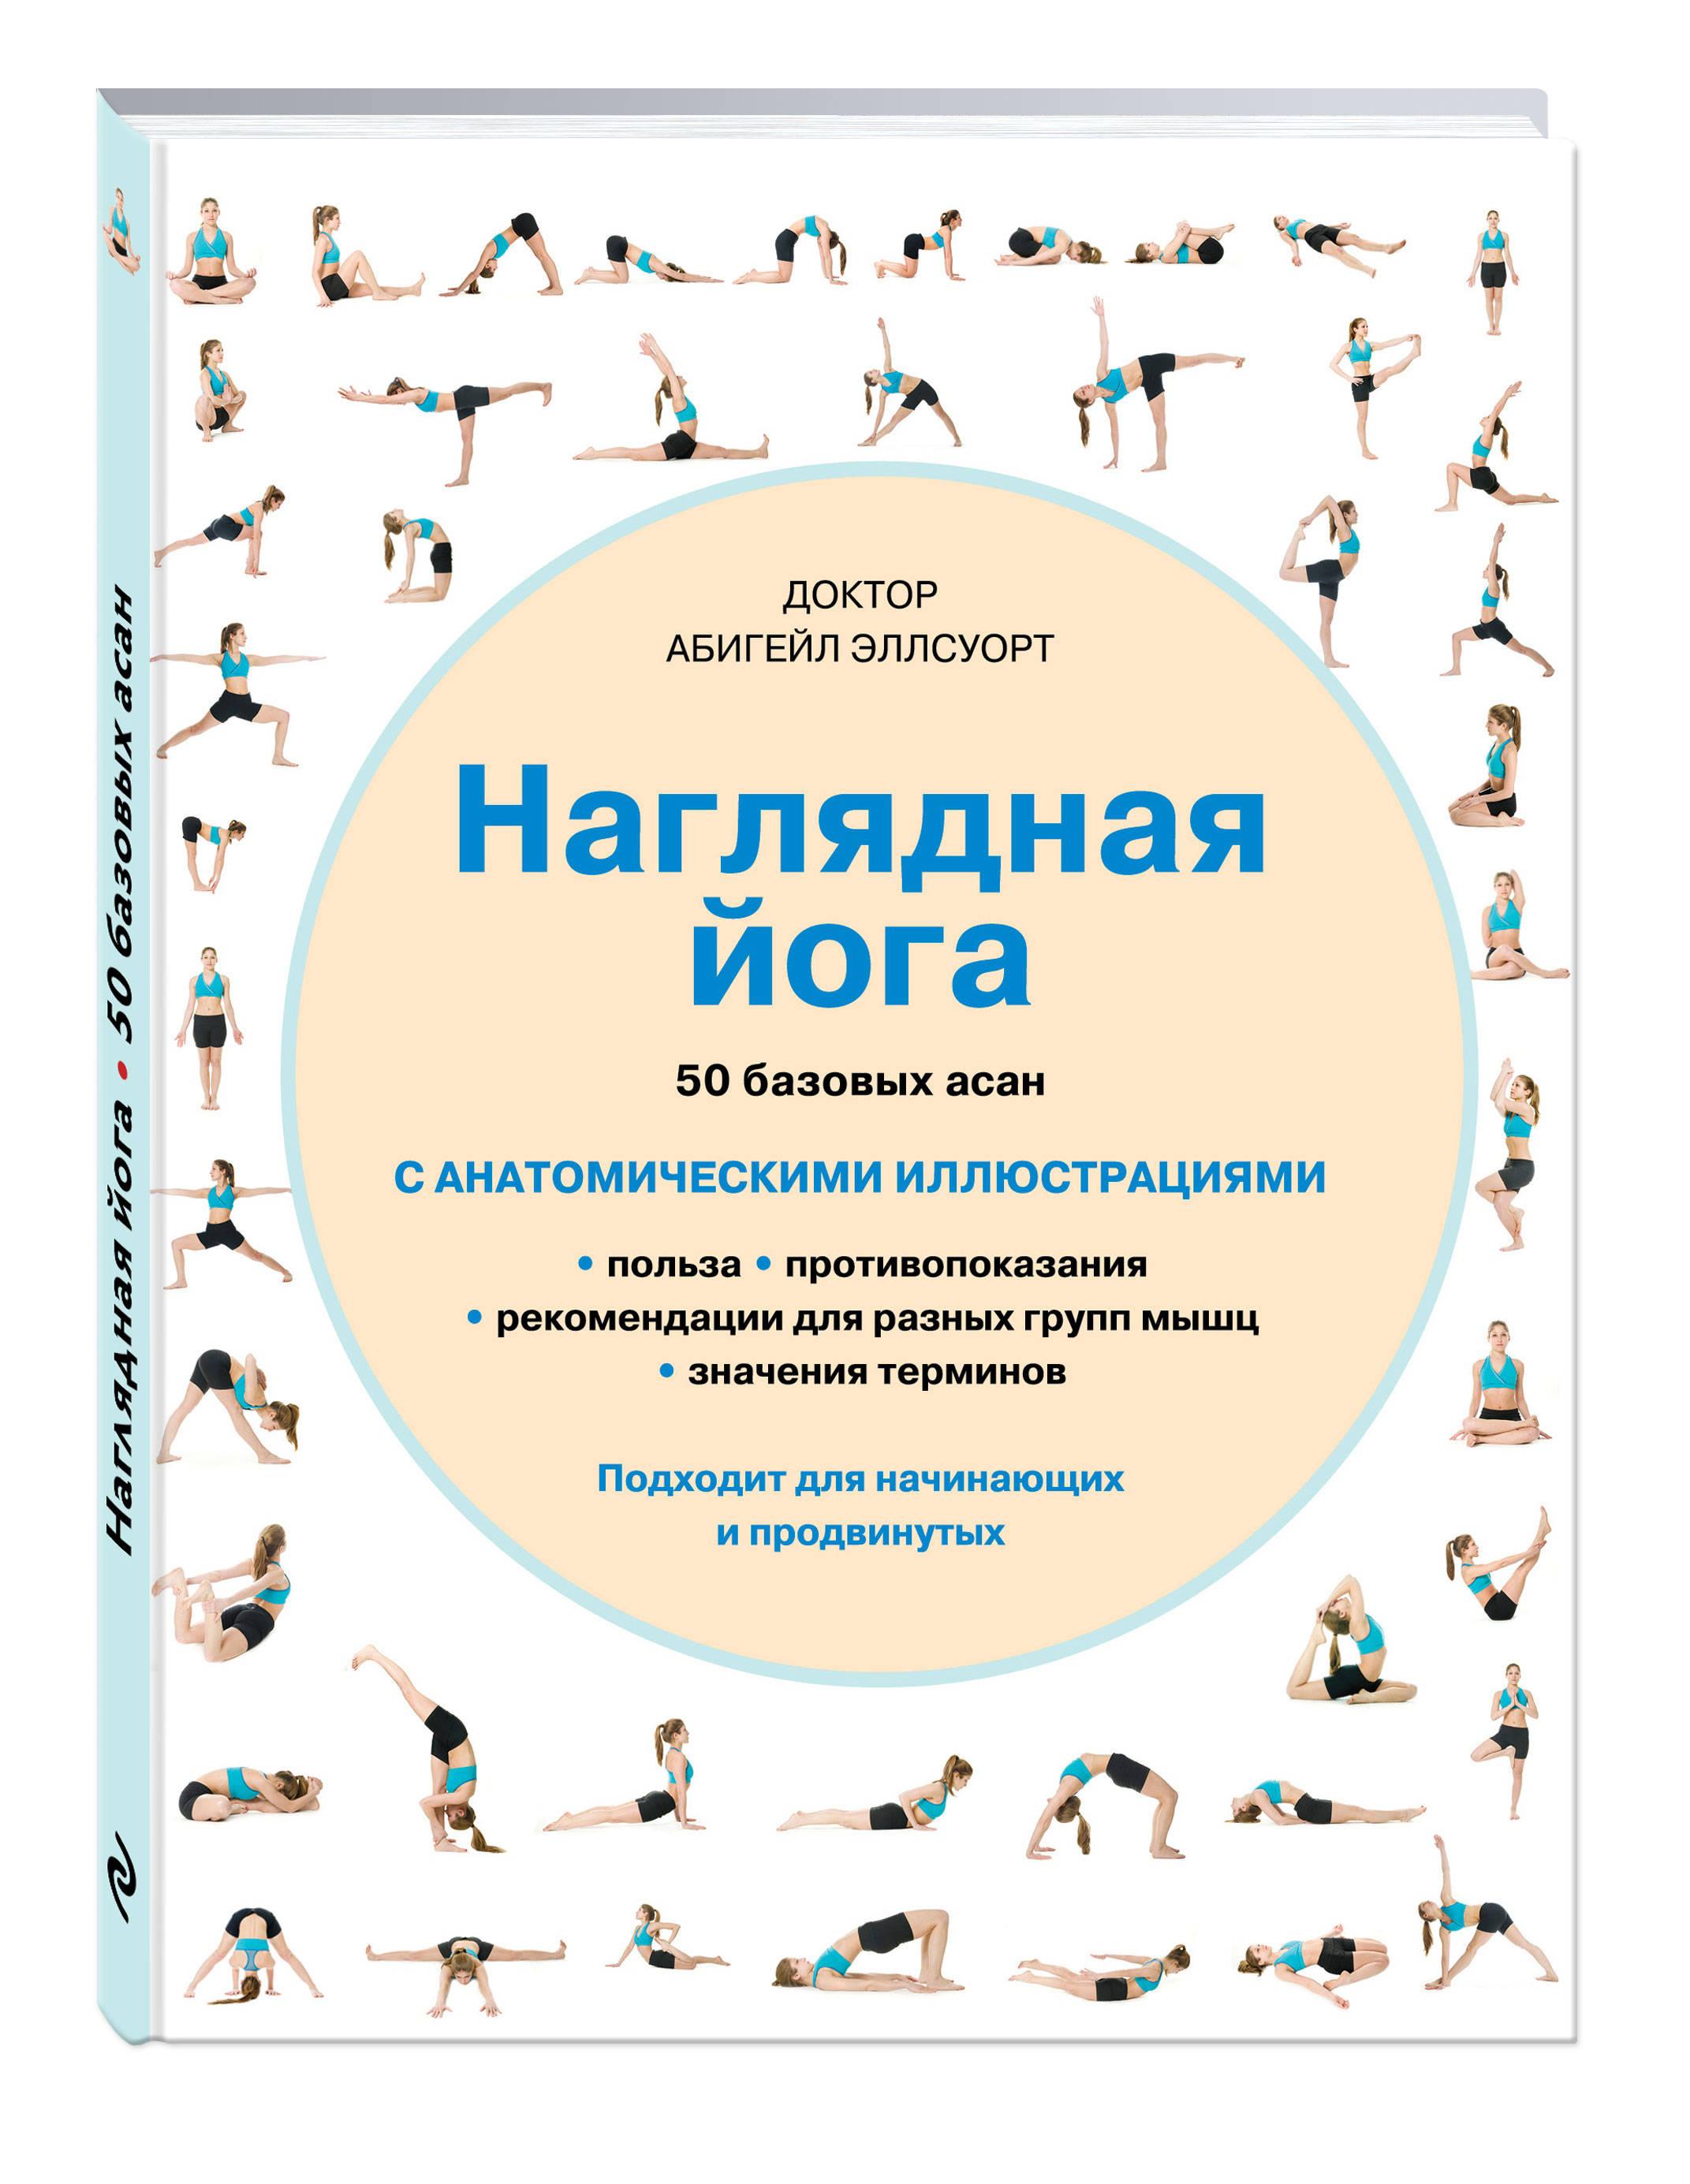 Наглядная йога, 50 базовых асан